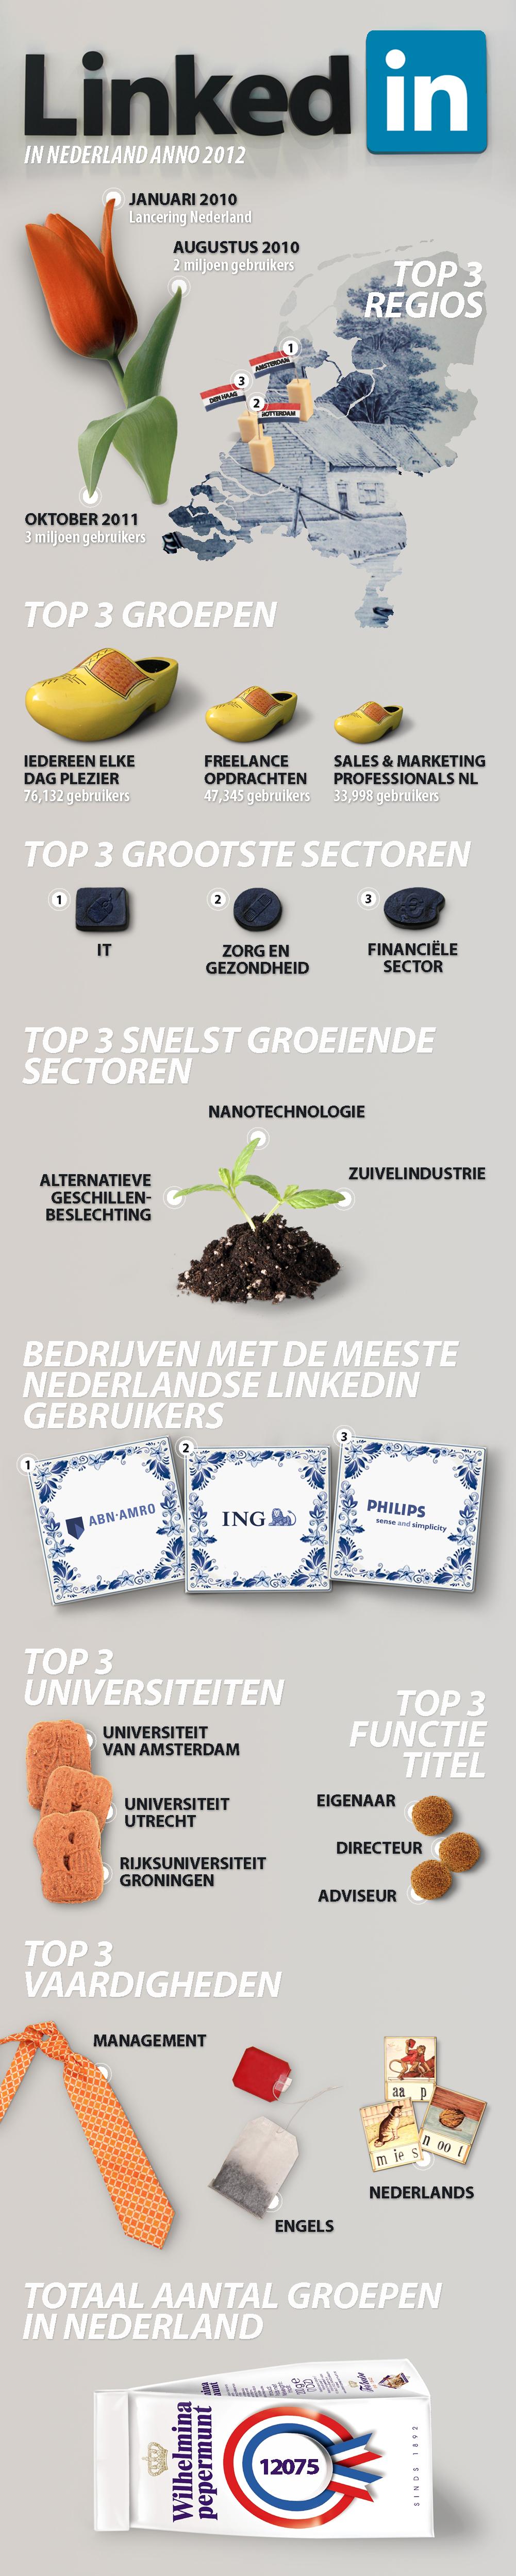 LinkedIn Nederland in cijfers 2012 [INFOGRAPHIC] | Solliciteren via ...